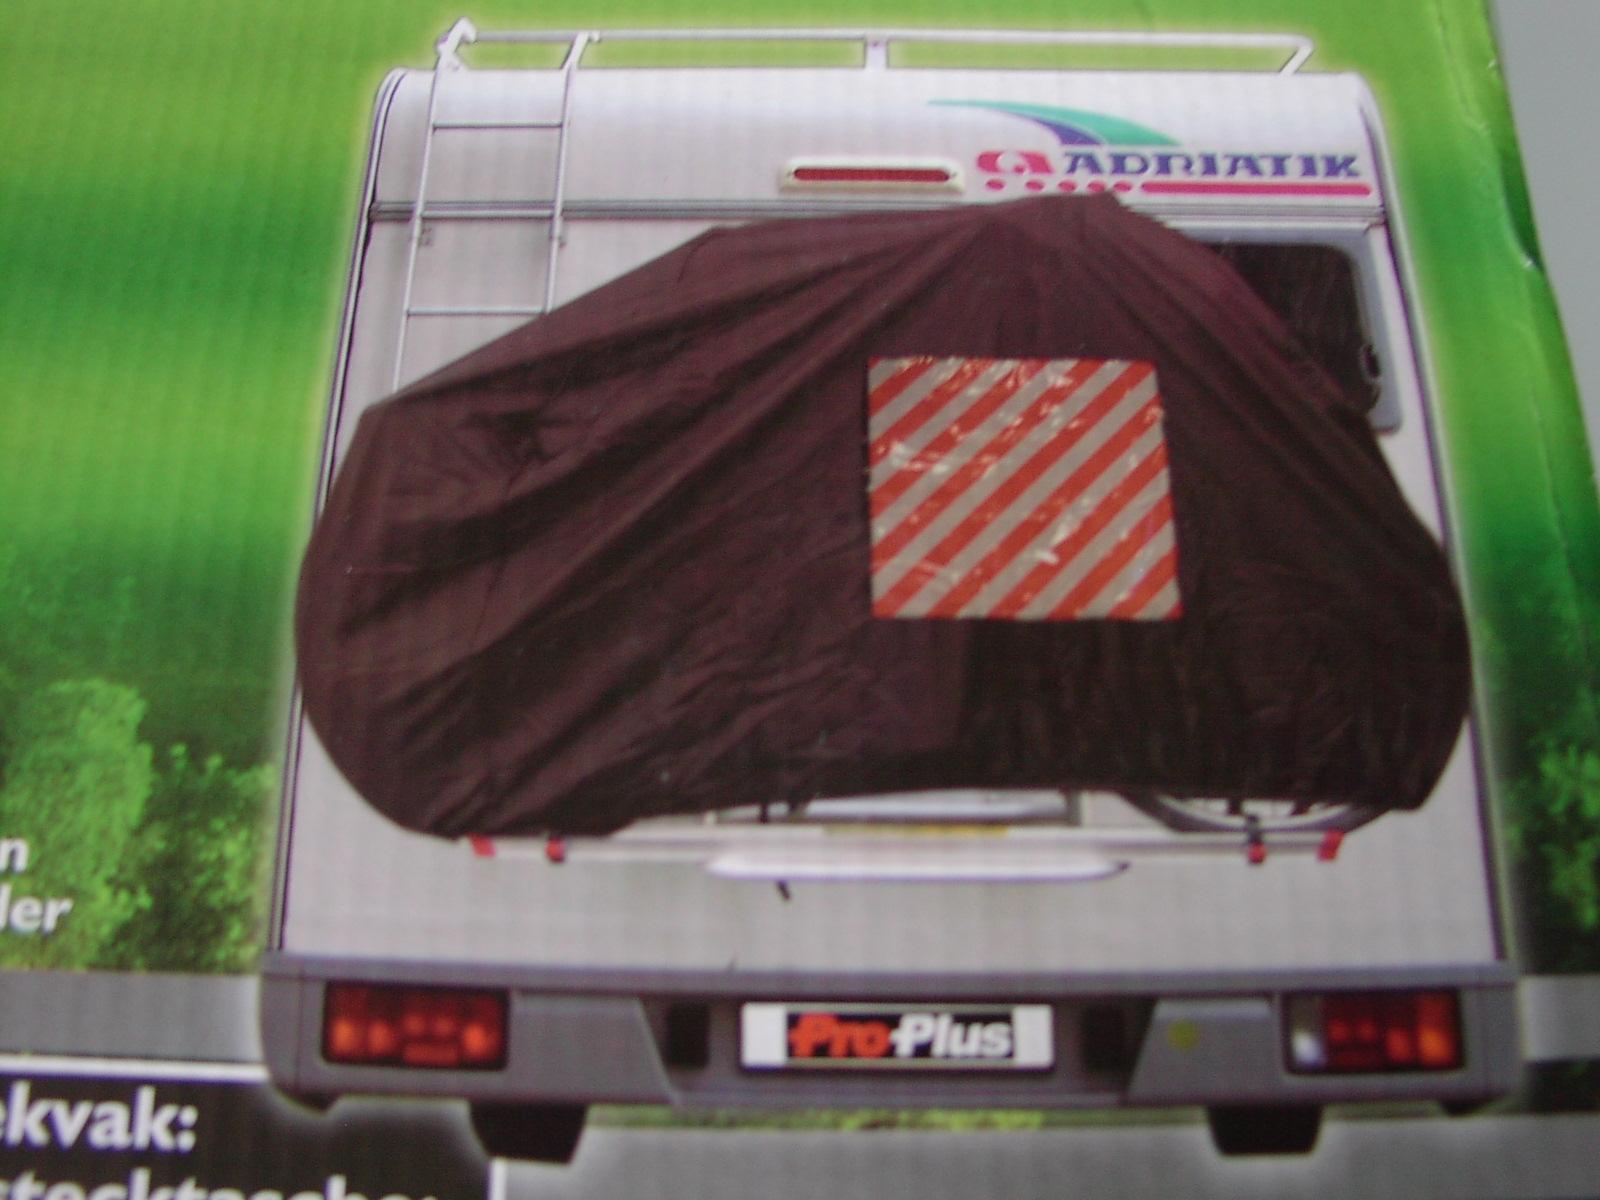 fahrradschutzh lle f r wohnwagen wohnmobil abdeckhaube f r. Black Bedroom Furniture Sets. Home Design Ideas